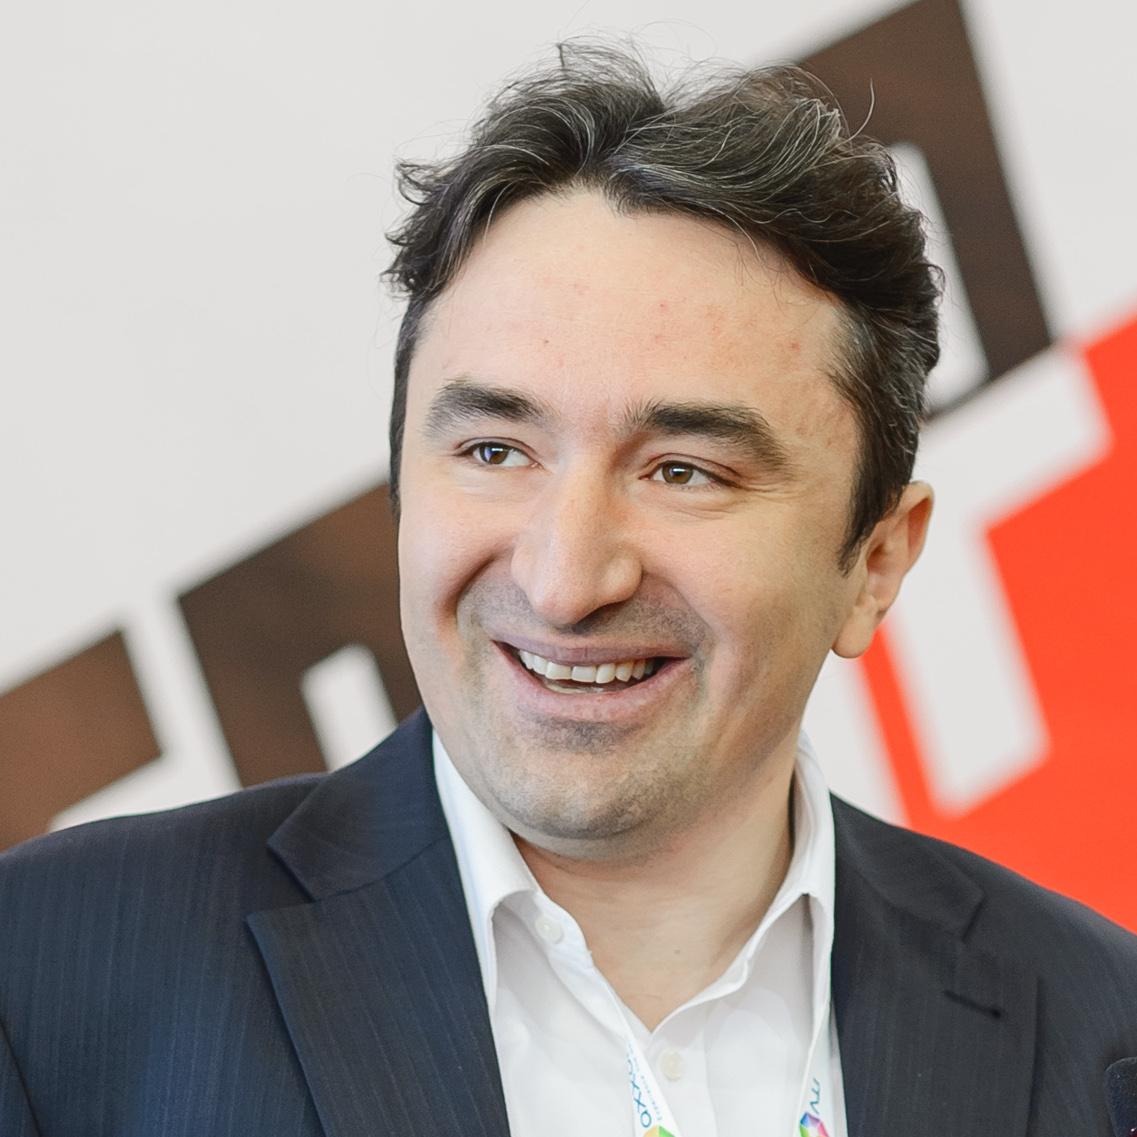 Мурат Алутев, ITV